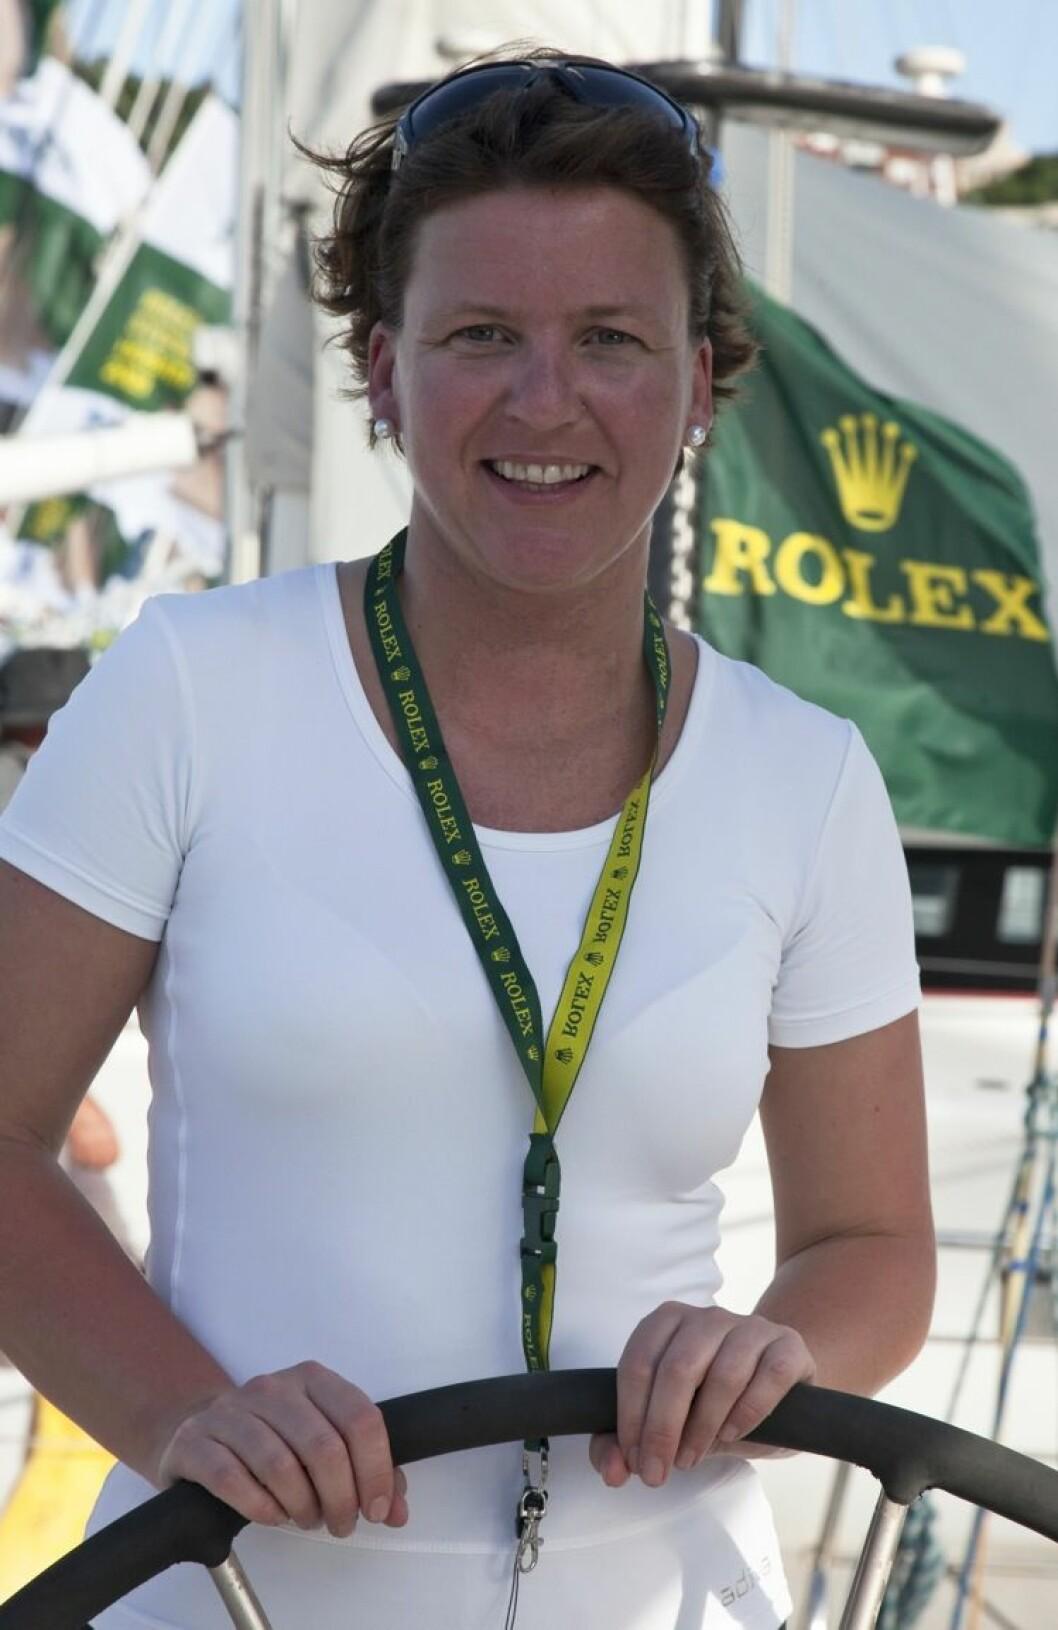 Lisbeth Røbekk, norwegian crew member on SAILING SERVICES ANSONSAILING SERVICES ANSON, Sail Number: 8848, Skipper: Richard Christian, State: NSW, Division: PHS, Design: Open 60, LOA (m): 20.15, Draft: 3.98